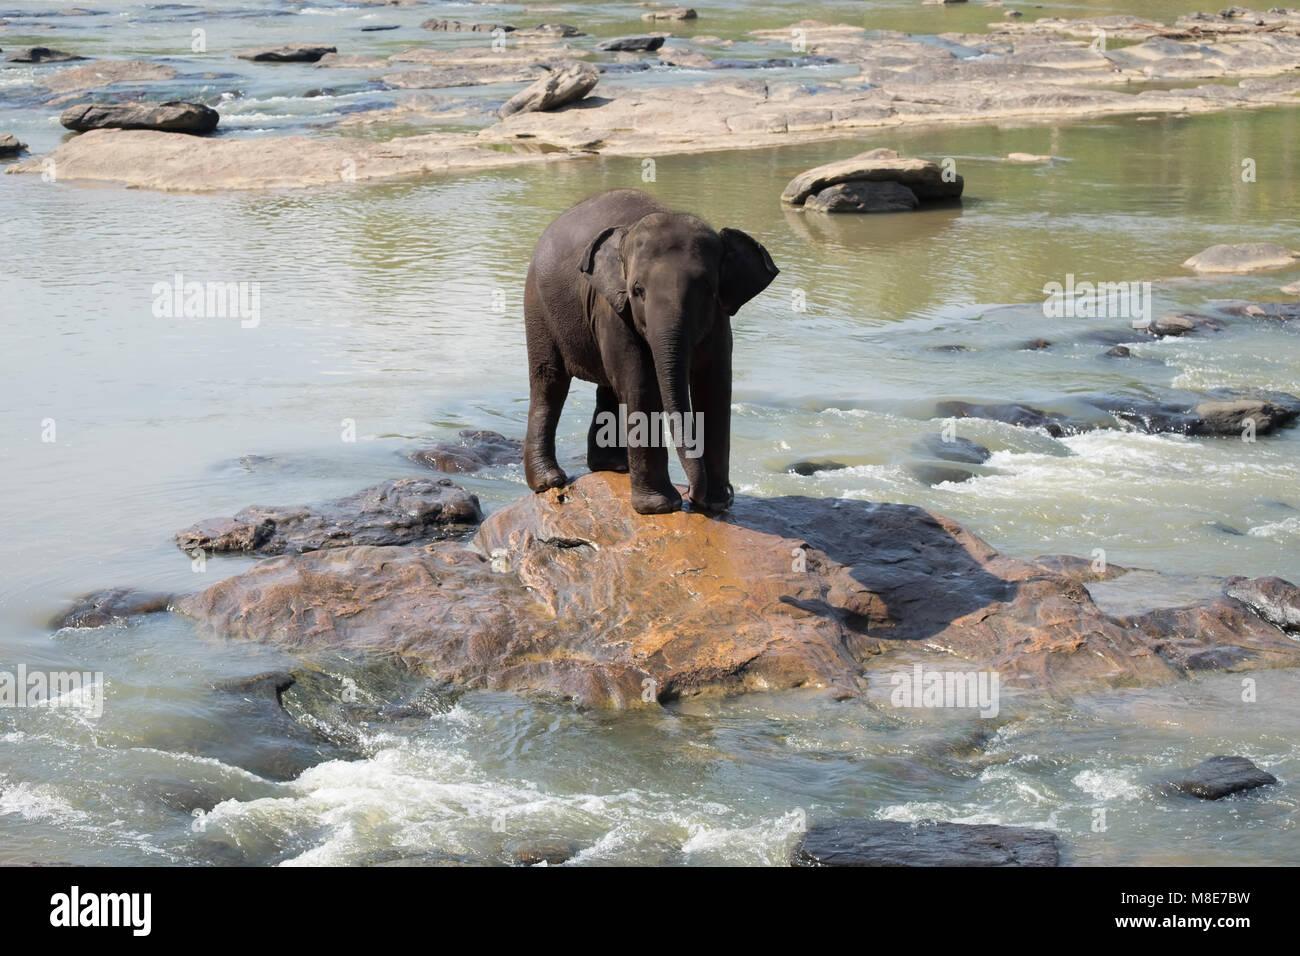 Großen Asiatischen Elefanten Entspannen Baden Und Die Kreuzung